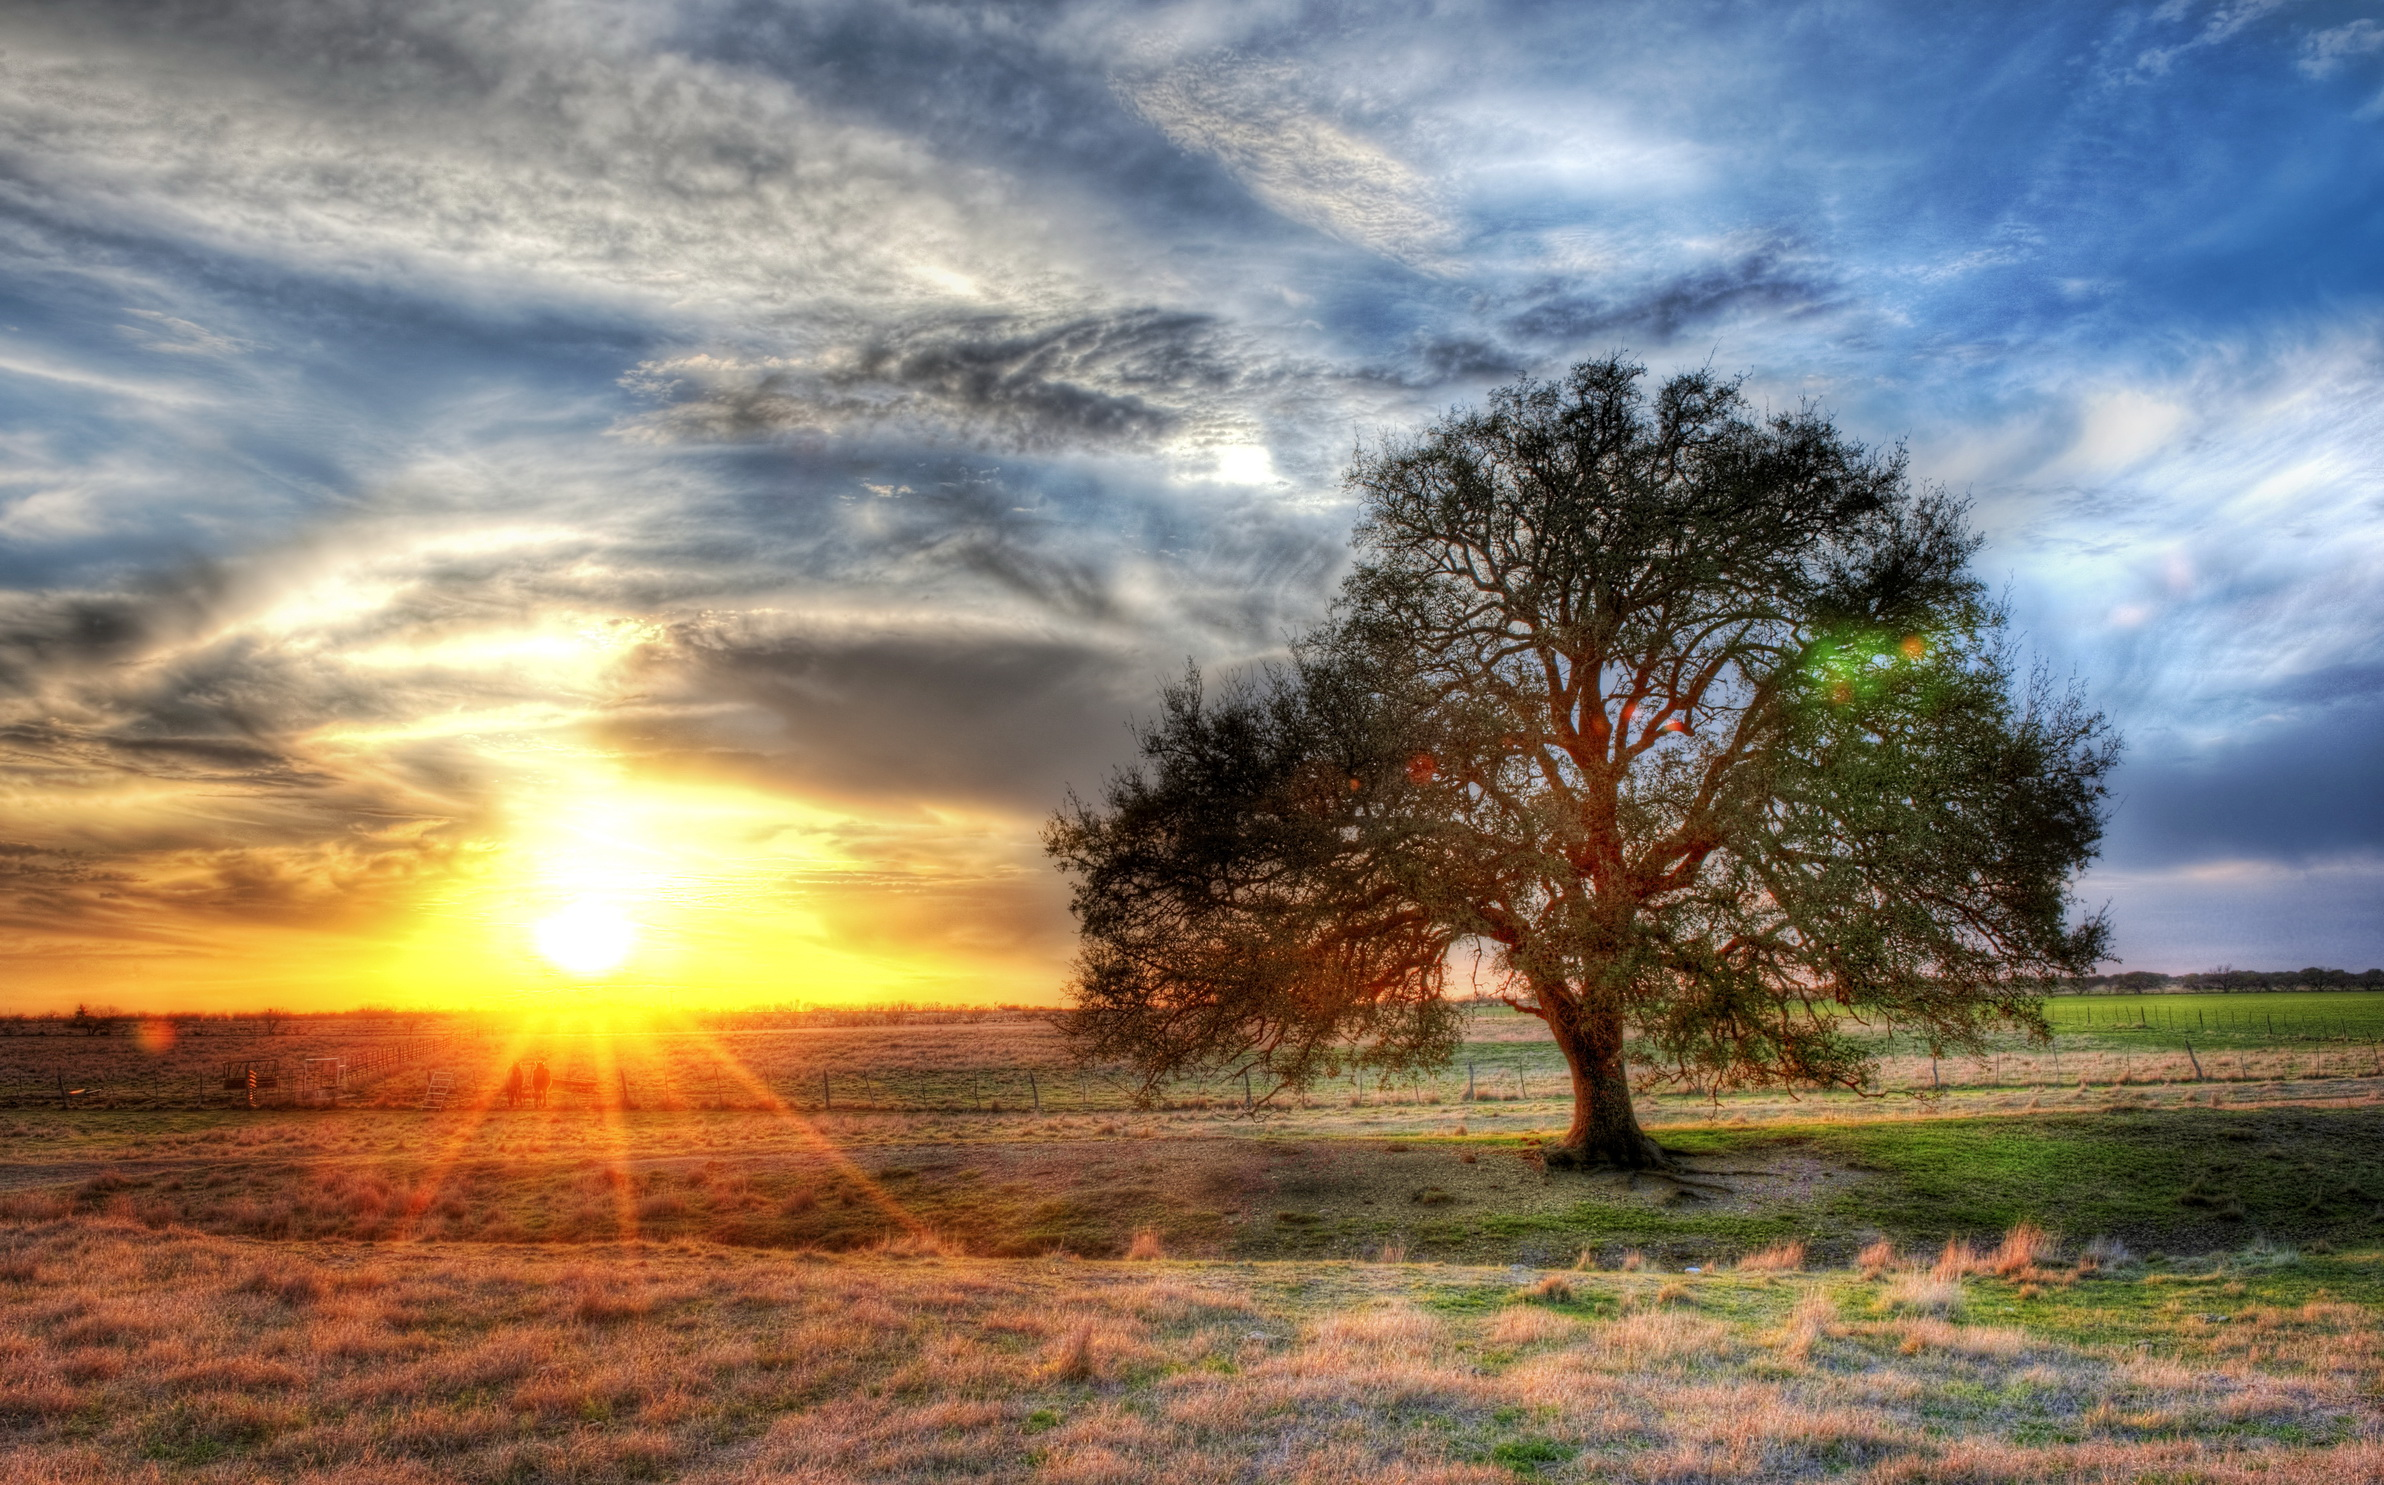 fonds d 39 ecran levers et couchers de soleil ciel rayons de lumi re arbres hdr nuage soleil nature. Black Bedroom Furniture Sets. Home Design Ideas